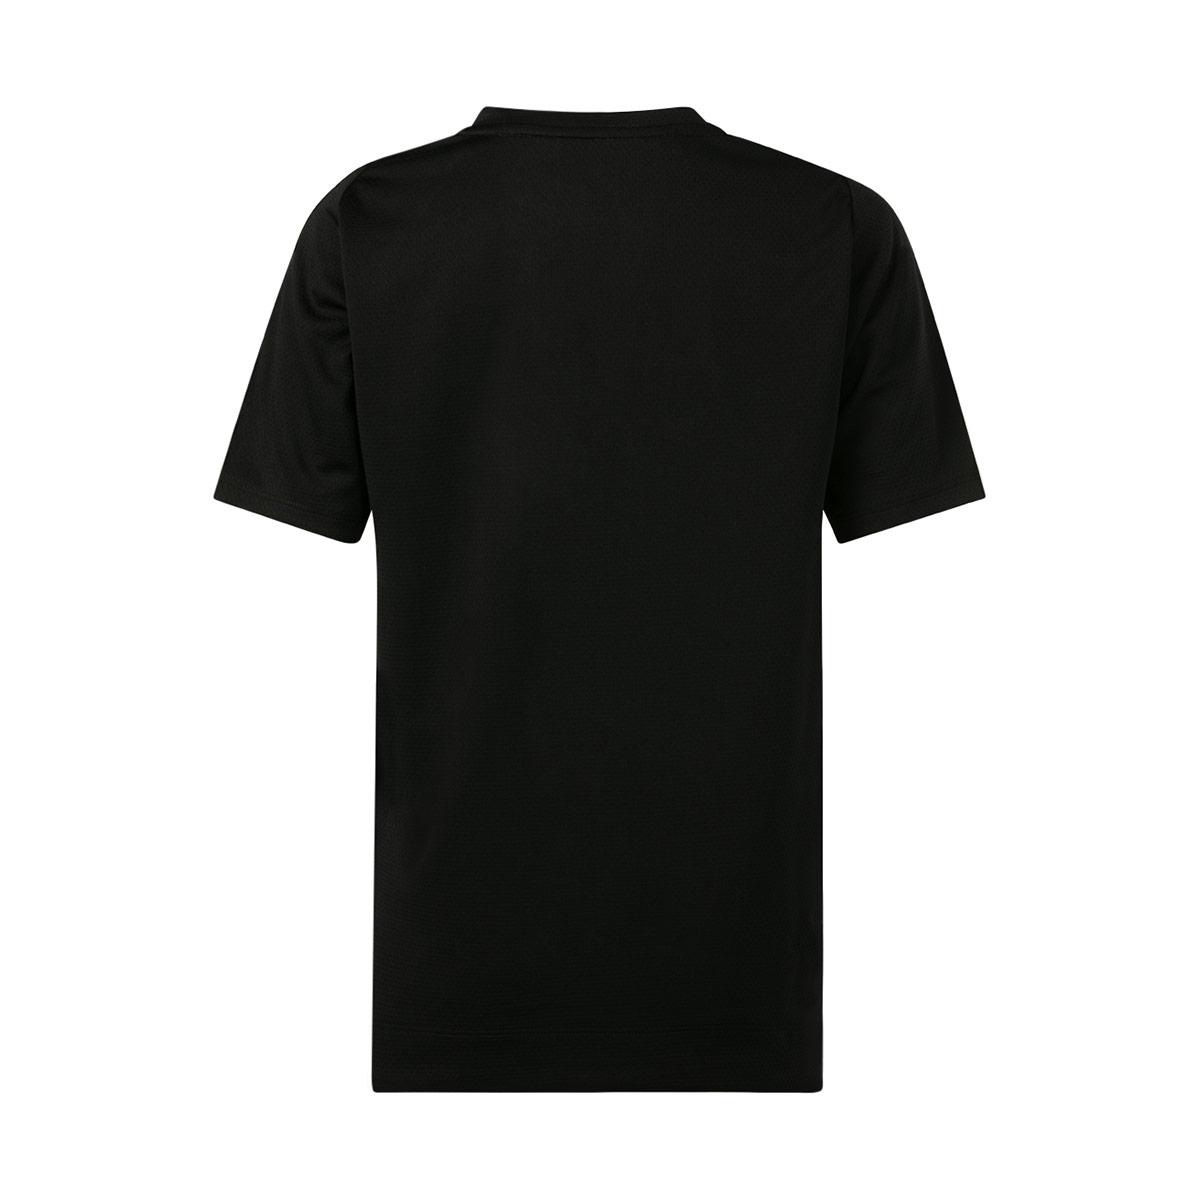 Kids Black Canterbury Vapodri Superlight Graphic Tee Shirt